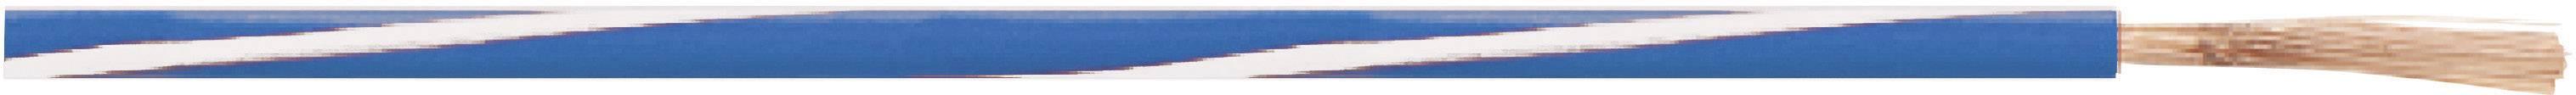 Opletenie / lanko LappKabel 4512472S X05V-K, 1 x 0.75 mm², vonkajší Ø 2.40 mm, metrový tovar, sivá, čierna